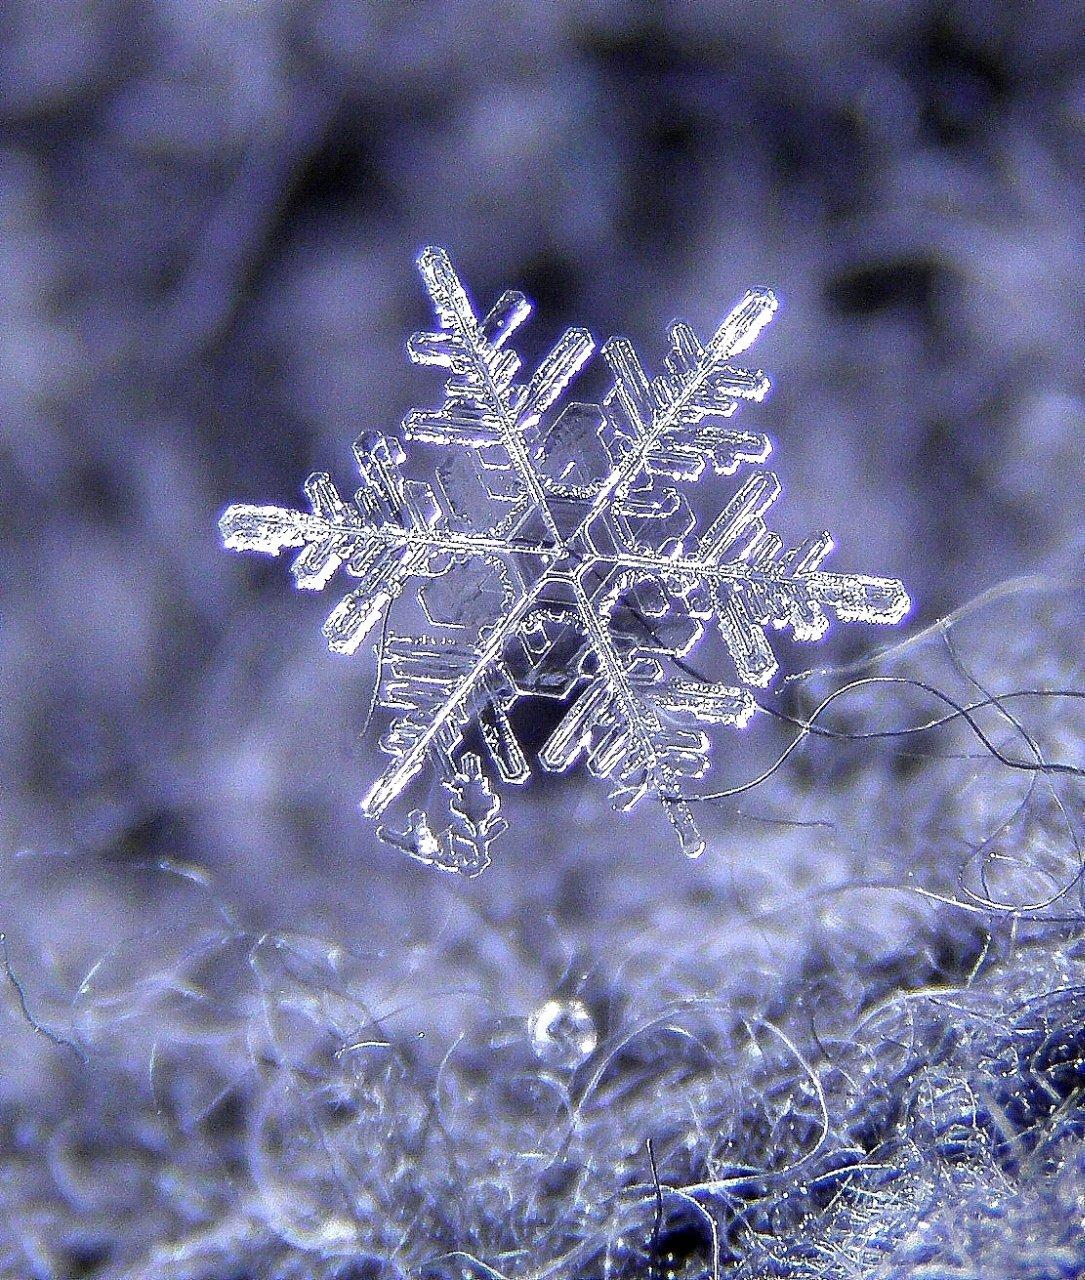 состав сменяющегося картинки зима природа снежинки скрывает, что